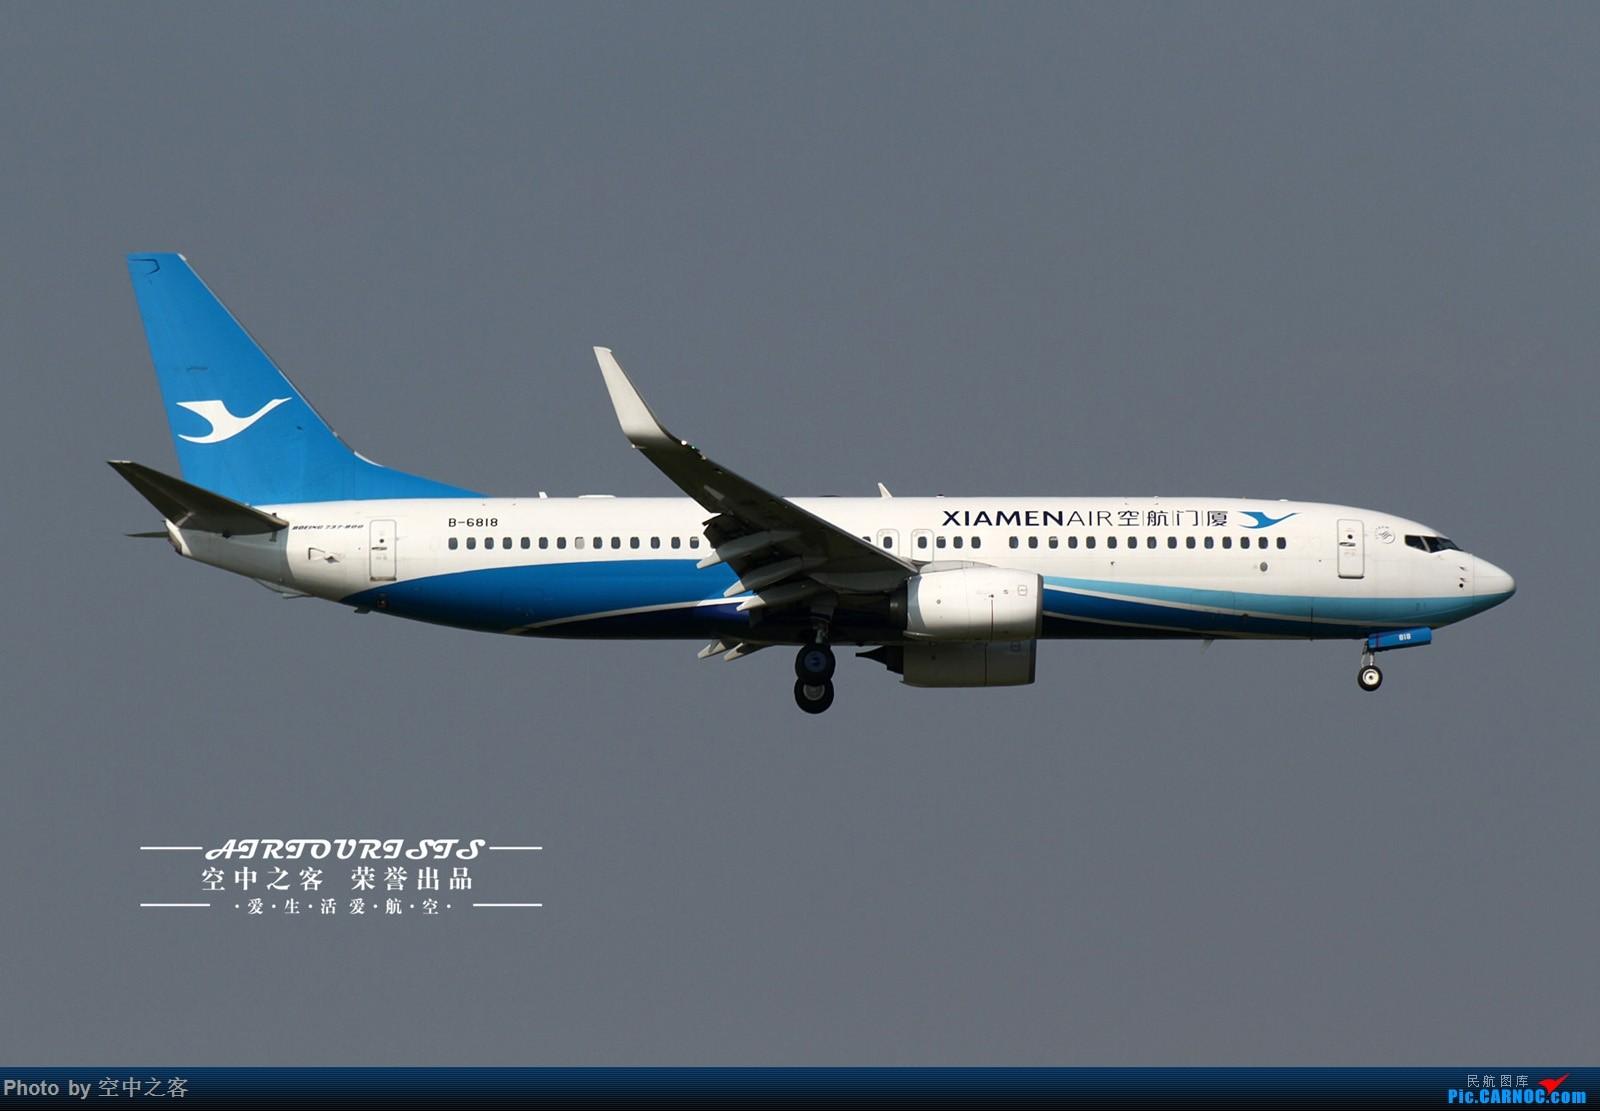 Re:[原创][合肥飞友会·霸都打机队 空中之客出品]少有的周末大晴天 来一场说走就走的拍机(1+1) BOEING 737-800 B-6818 合肥新桥国际机场